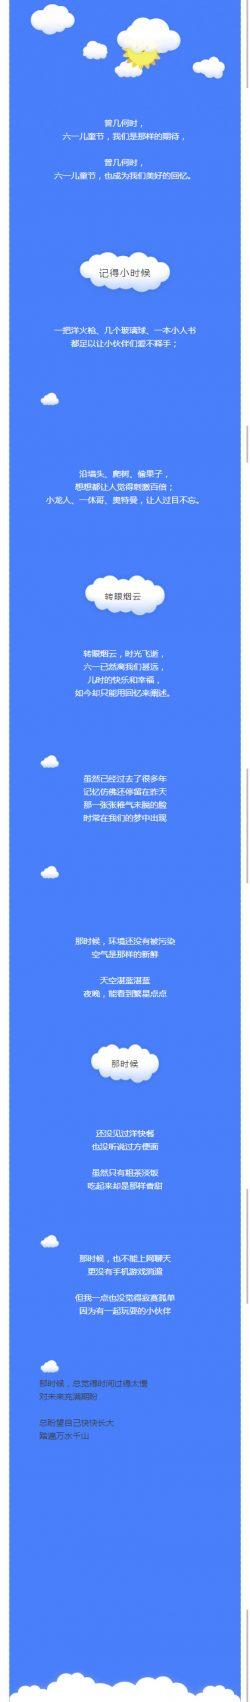 蓝天白云儿童节可爱动态图gif文章模板